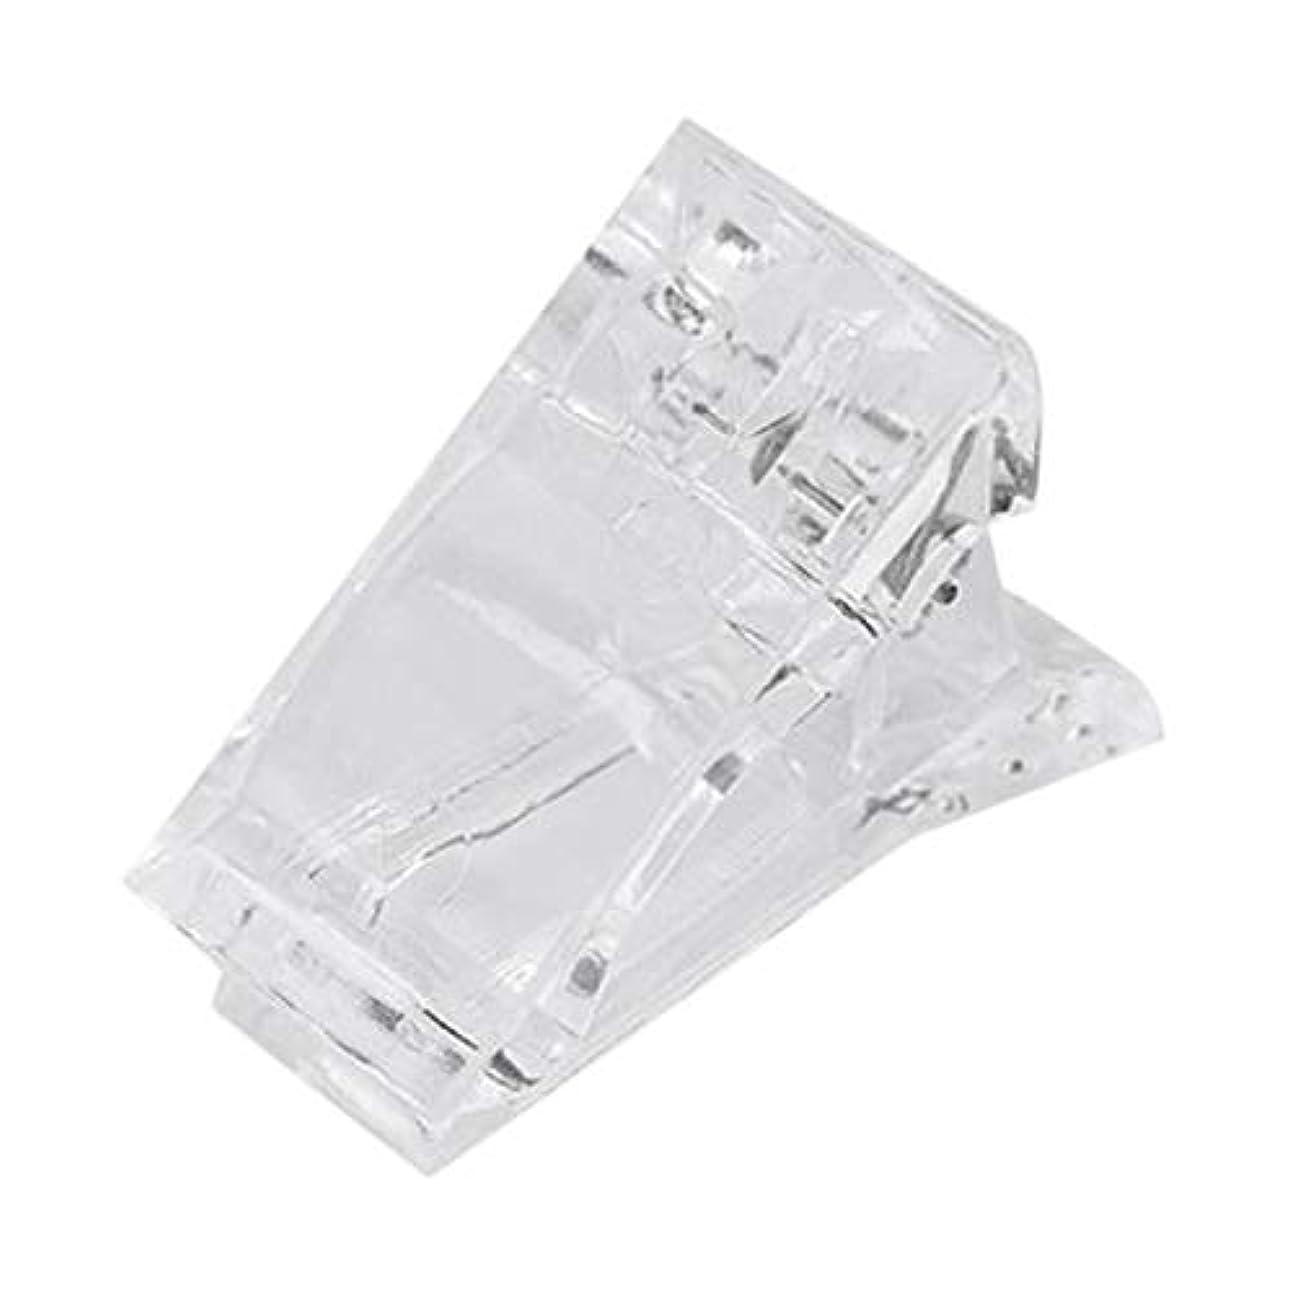 用心深い枕同意するNrpfell ネイルのクリップ 透明指ポリクイック ビルディングジェルエクステンション ネイルアート マニキュアツール アクセサリー 偽ネイル